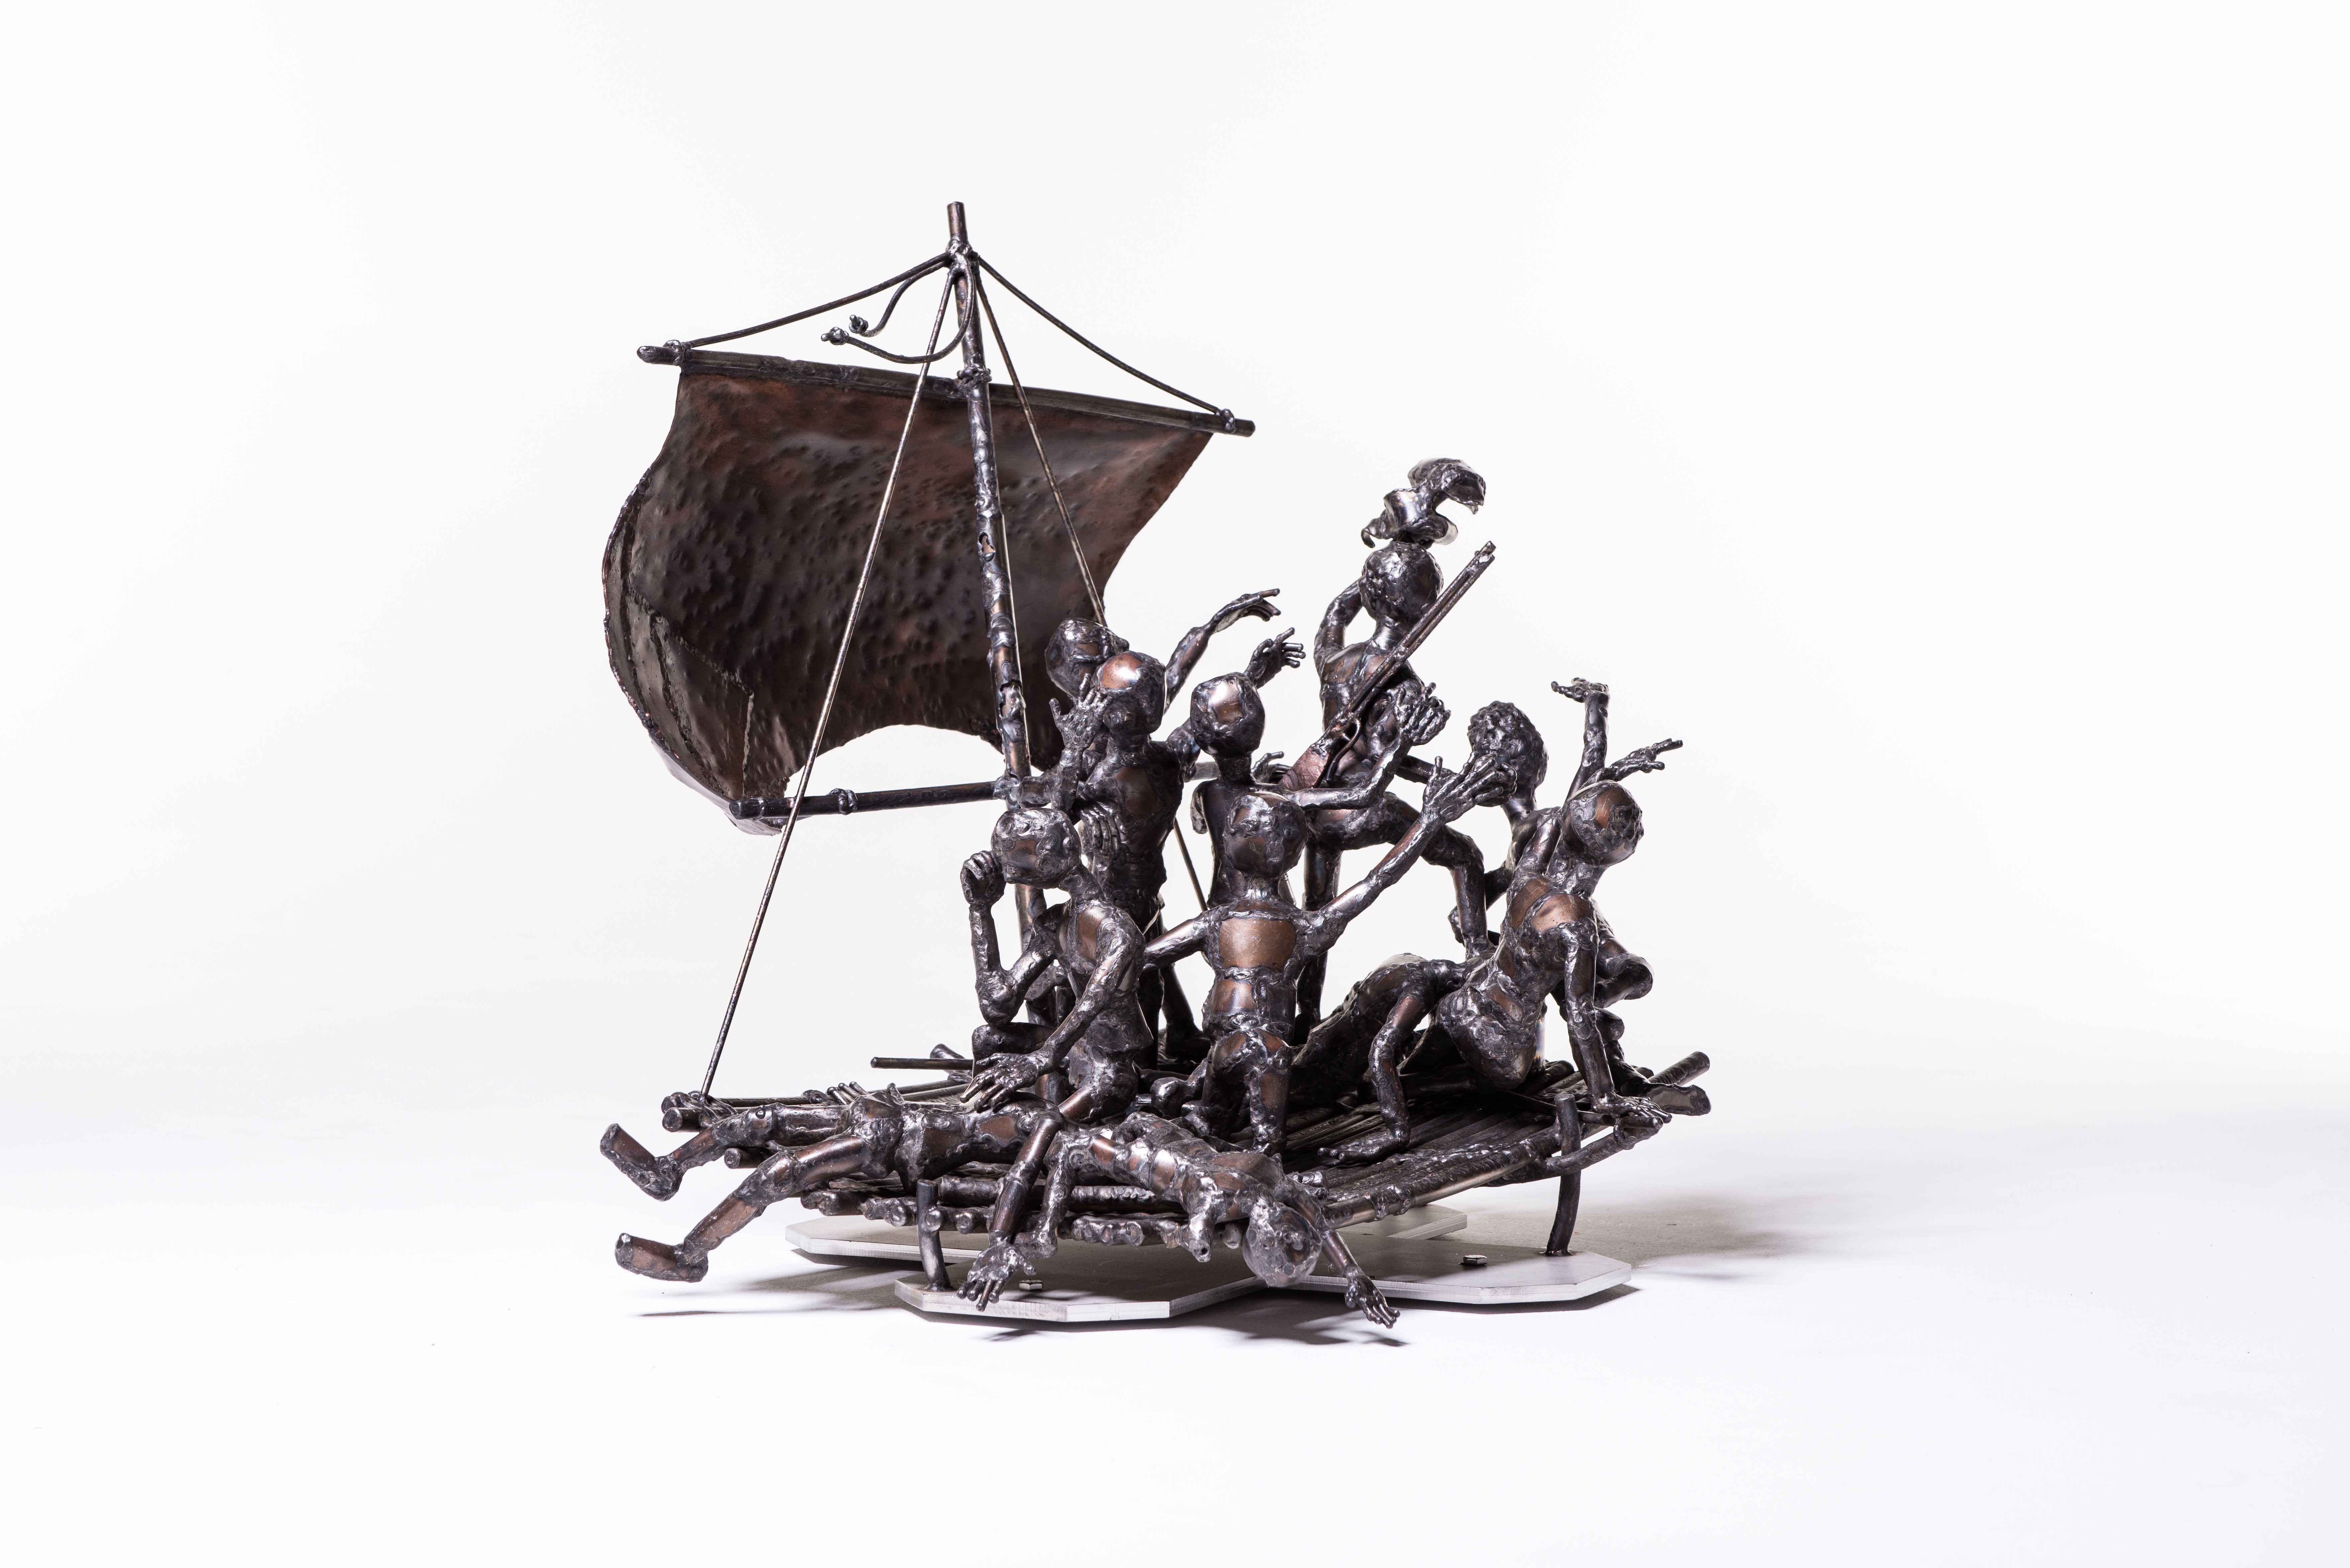 Survivors of The Laft of Medusa